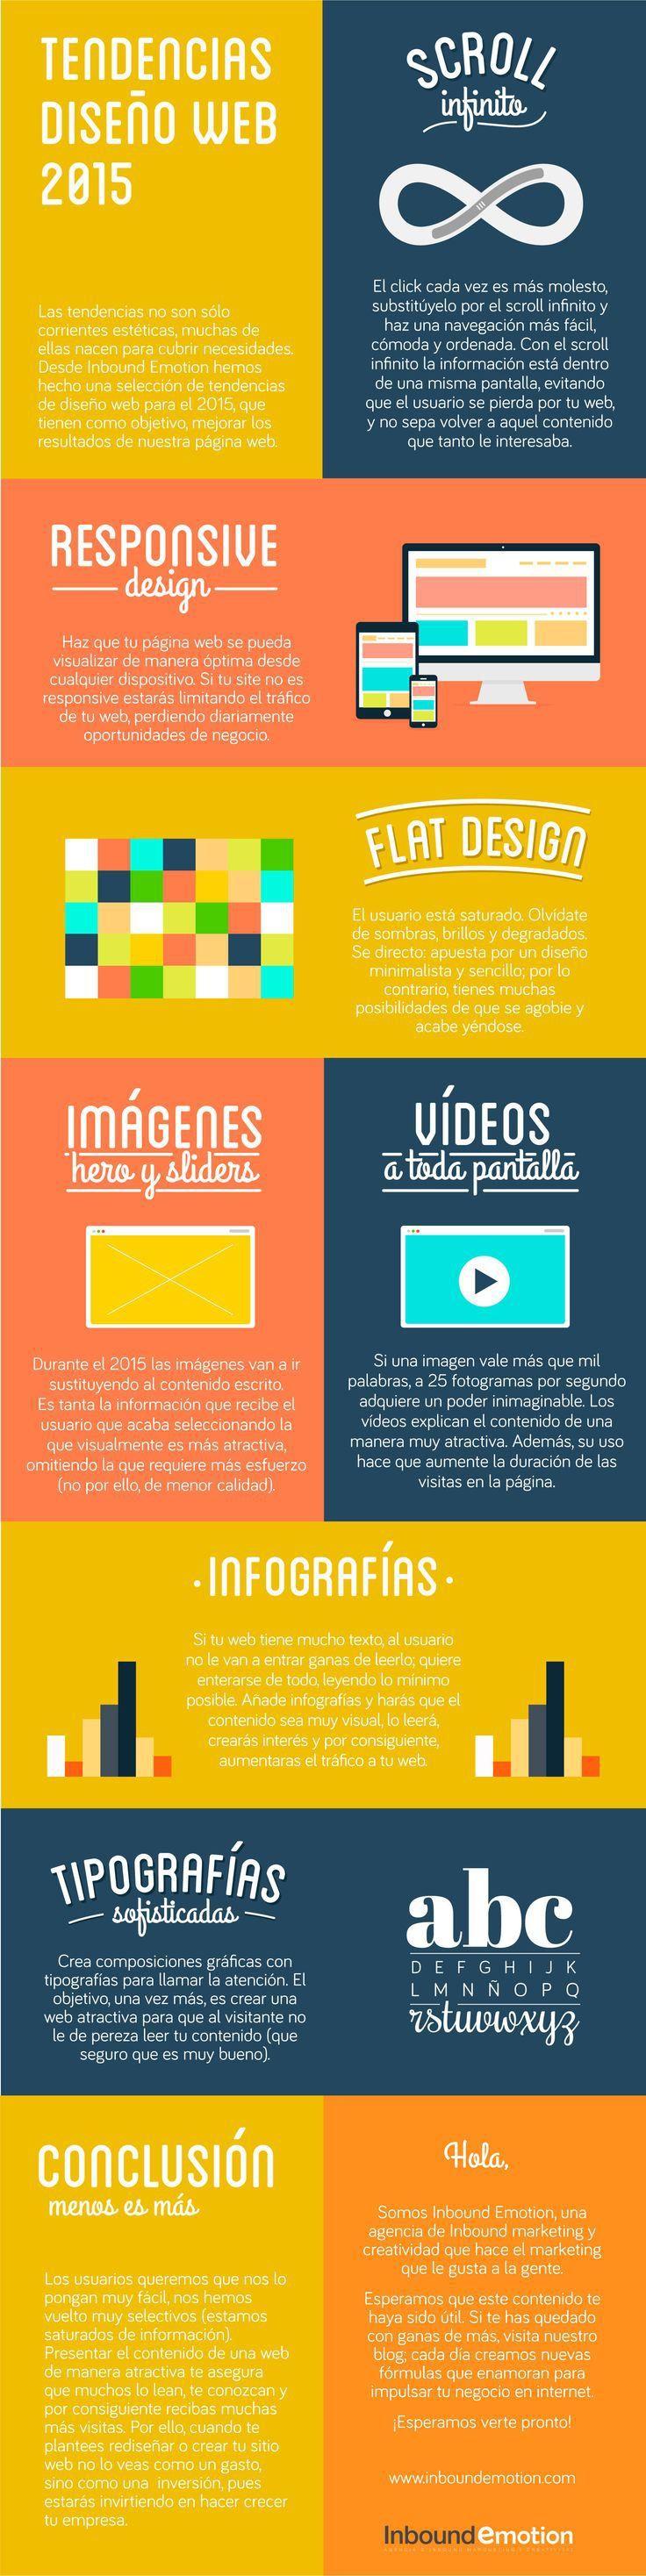 TENDENCIAS EN DISEÑO WEB PARA 2015 #INFOGRAFIA #INFOGRAPHIC #DESIGN